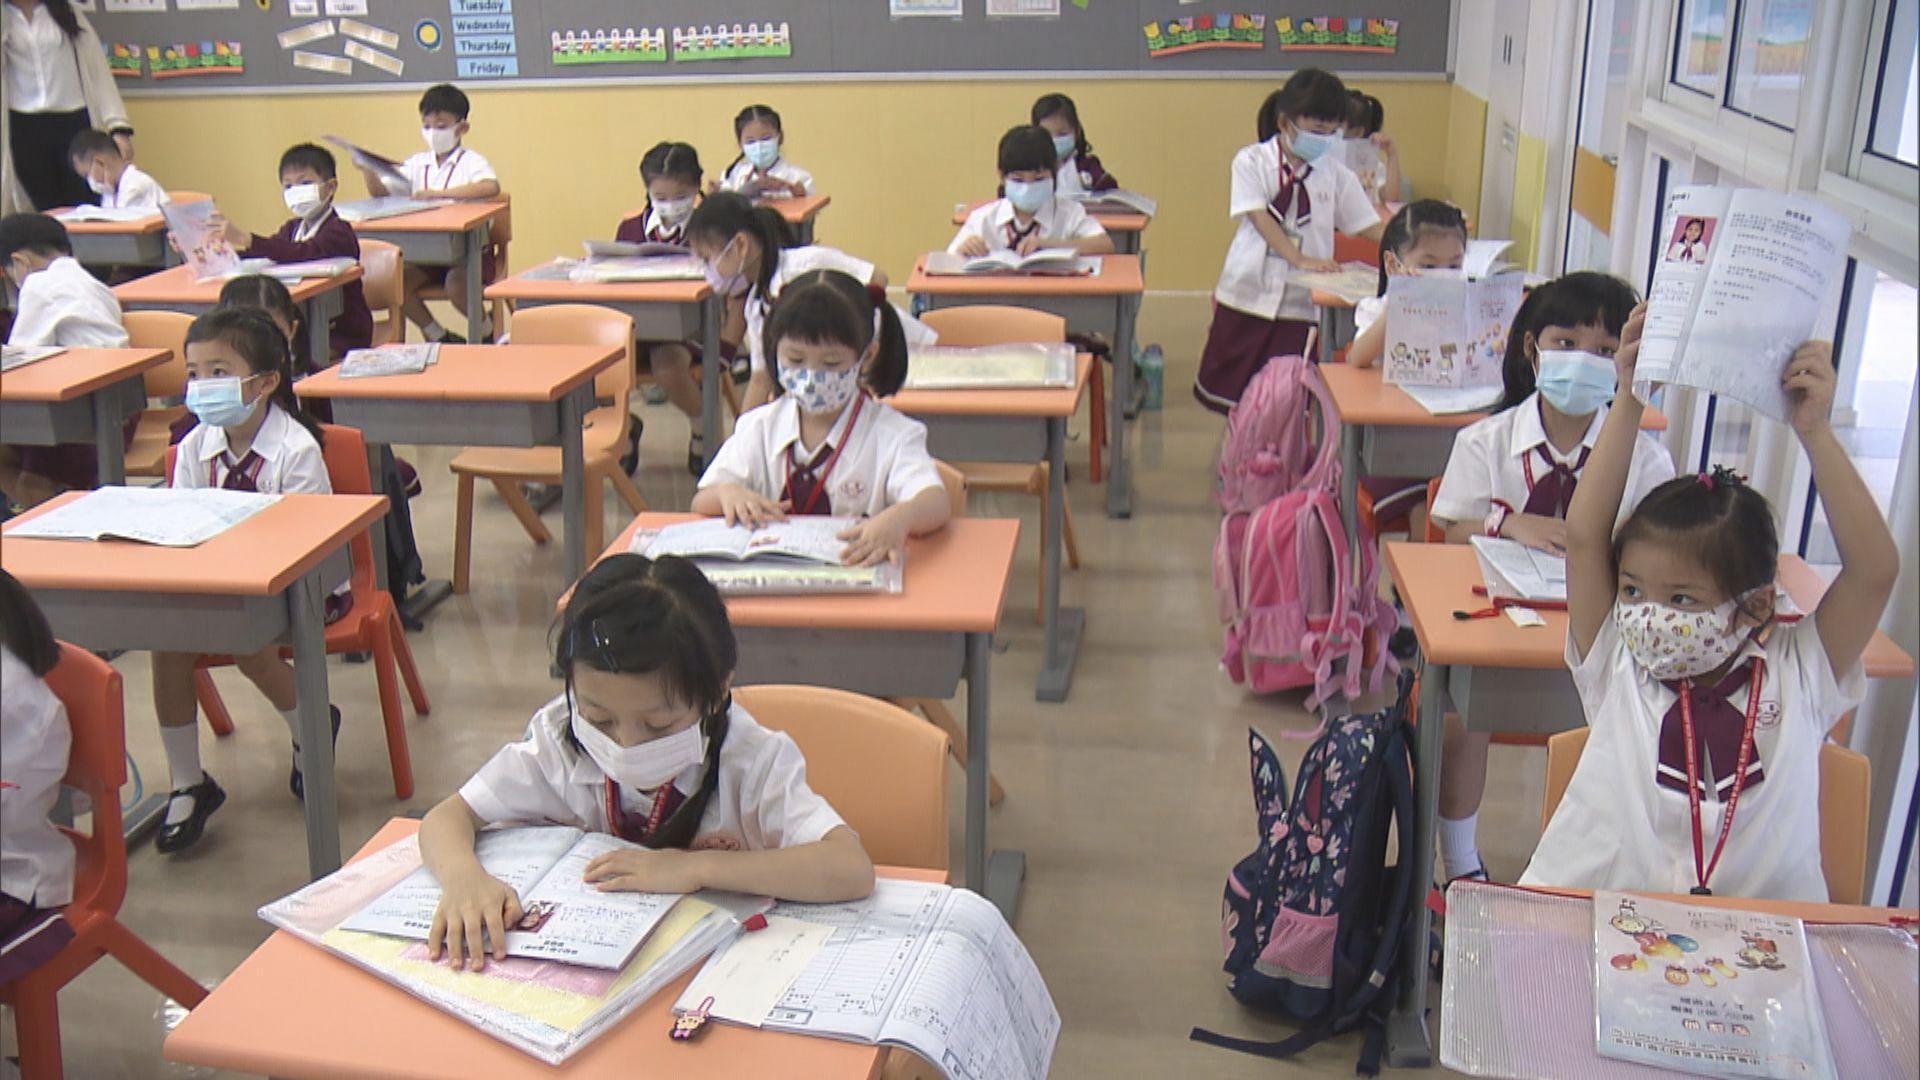 2500元學生津貼 學校明起可領申請表轉派家長